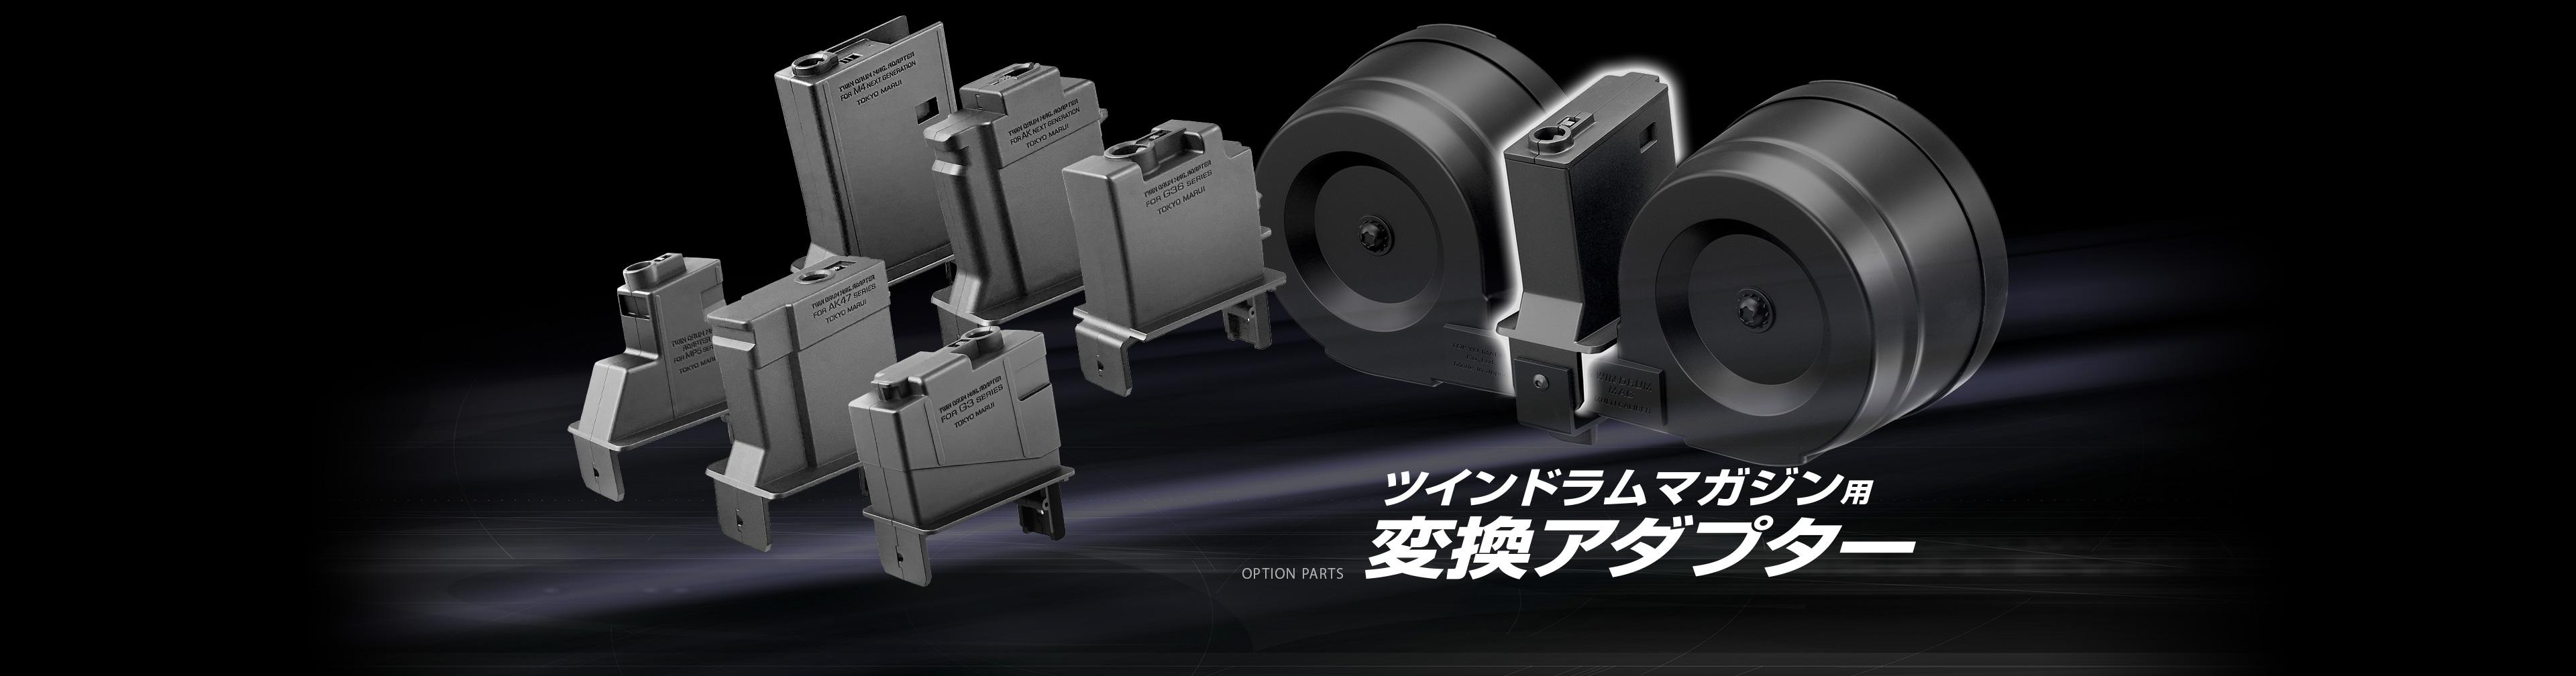 ツインドラムマガジン用変換アダプター 次世代M4シリーズ用